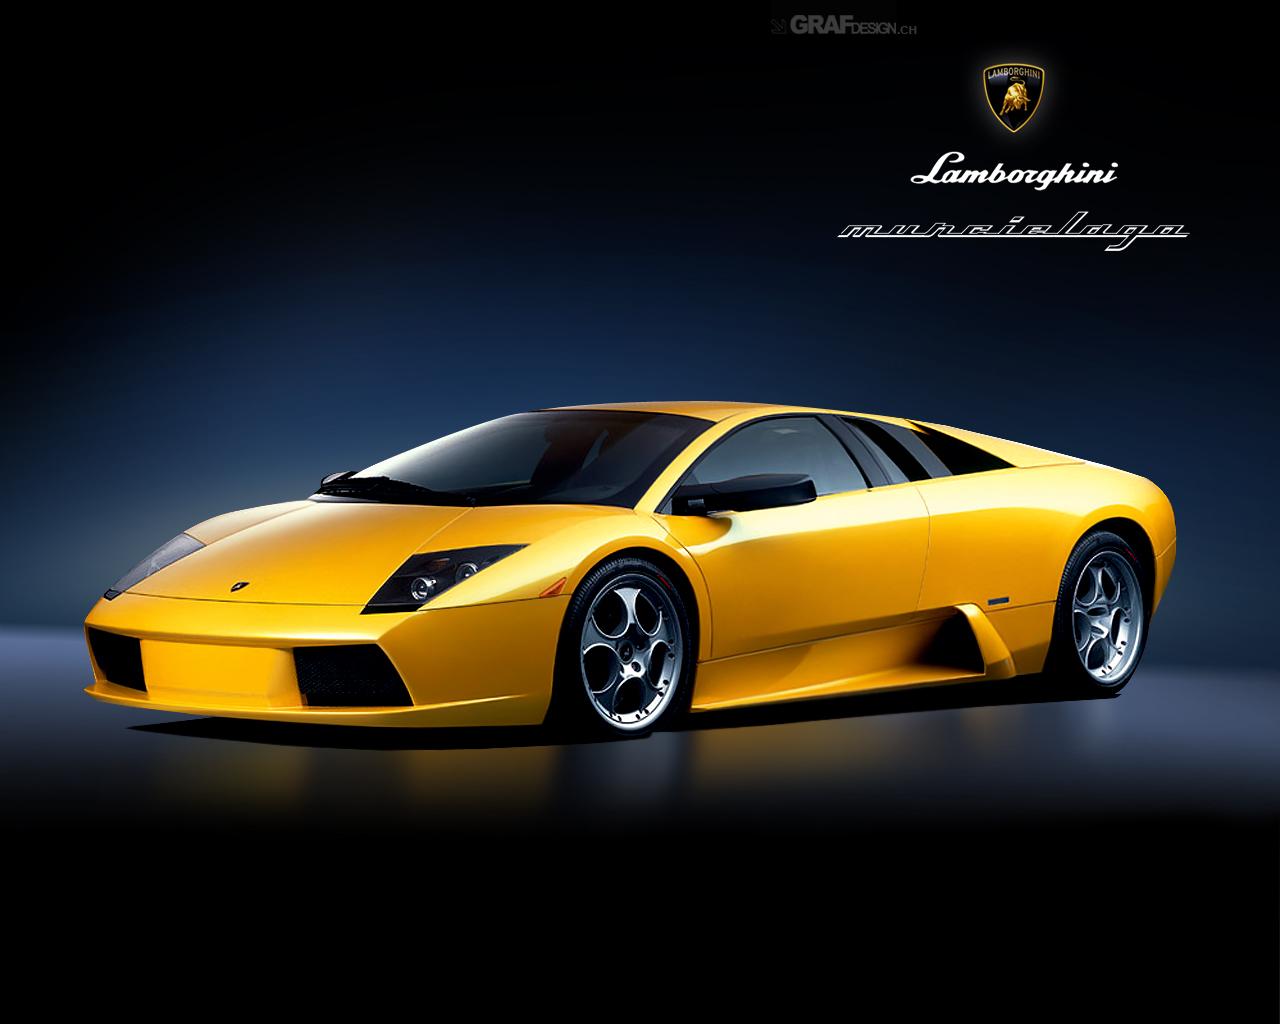 Lamborghini Wallpaper for Desktop - WallpaperSafari